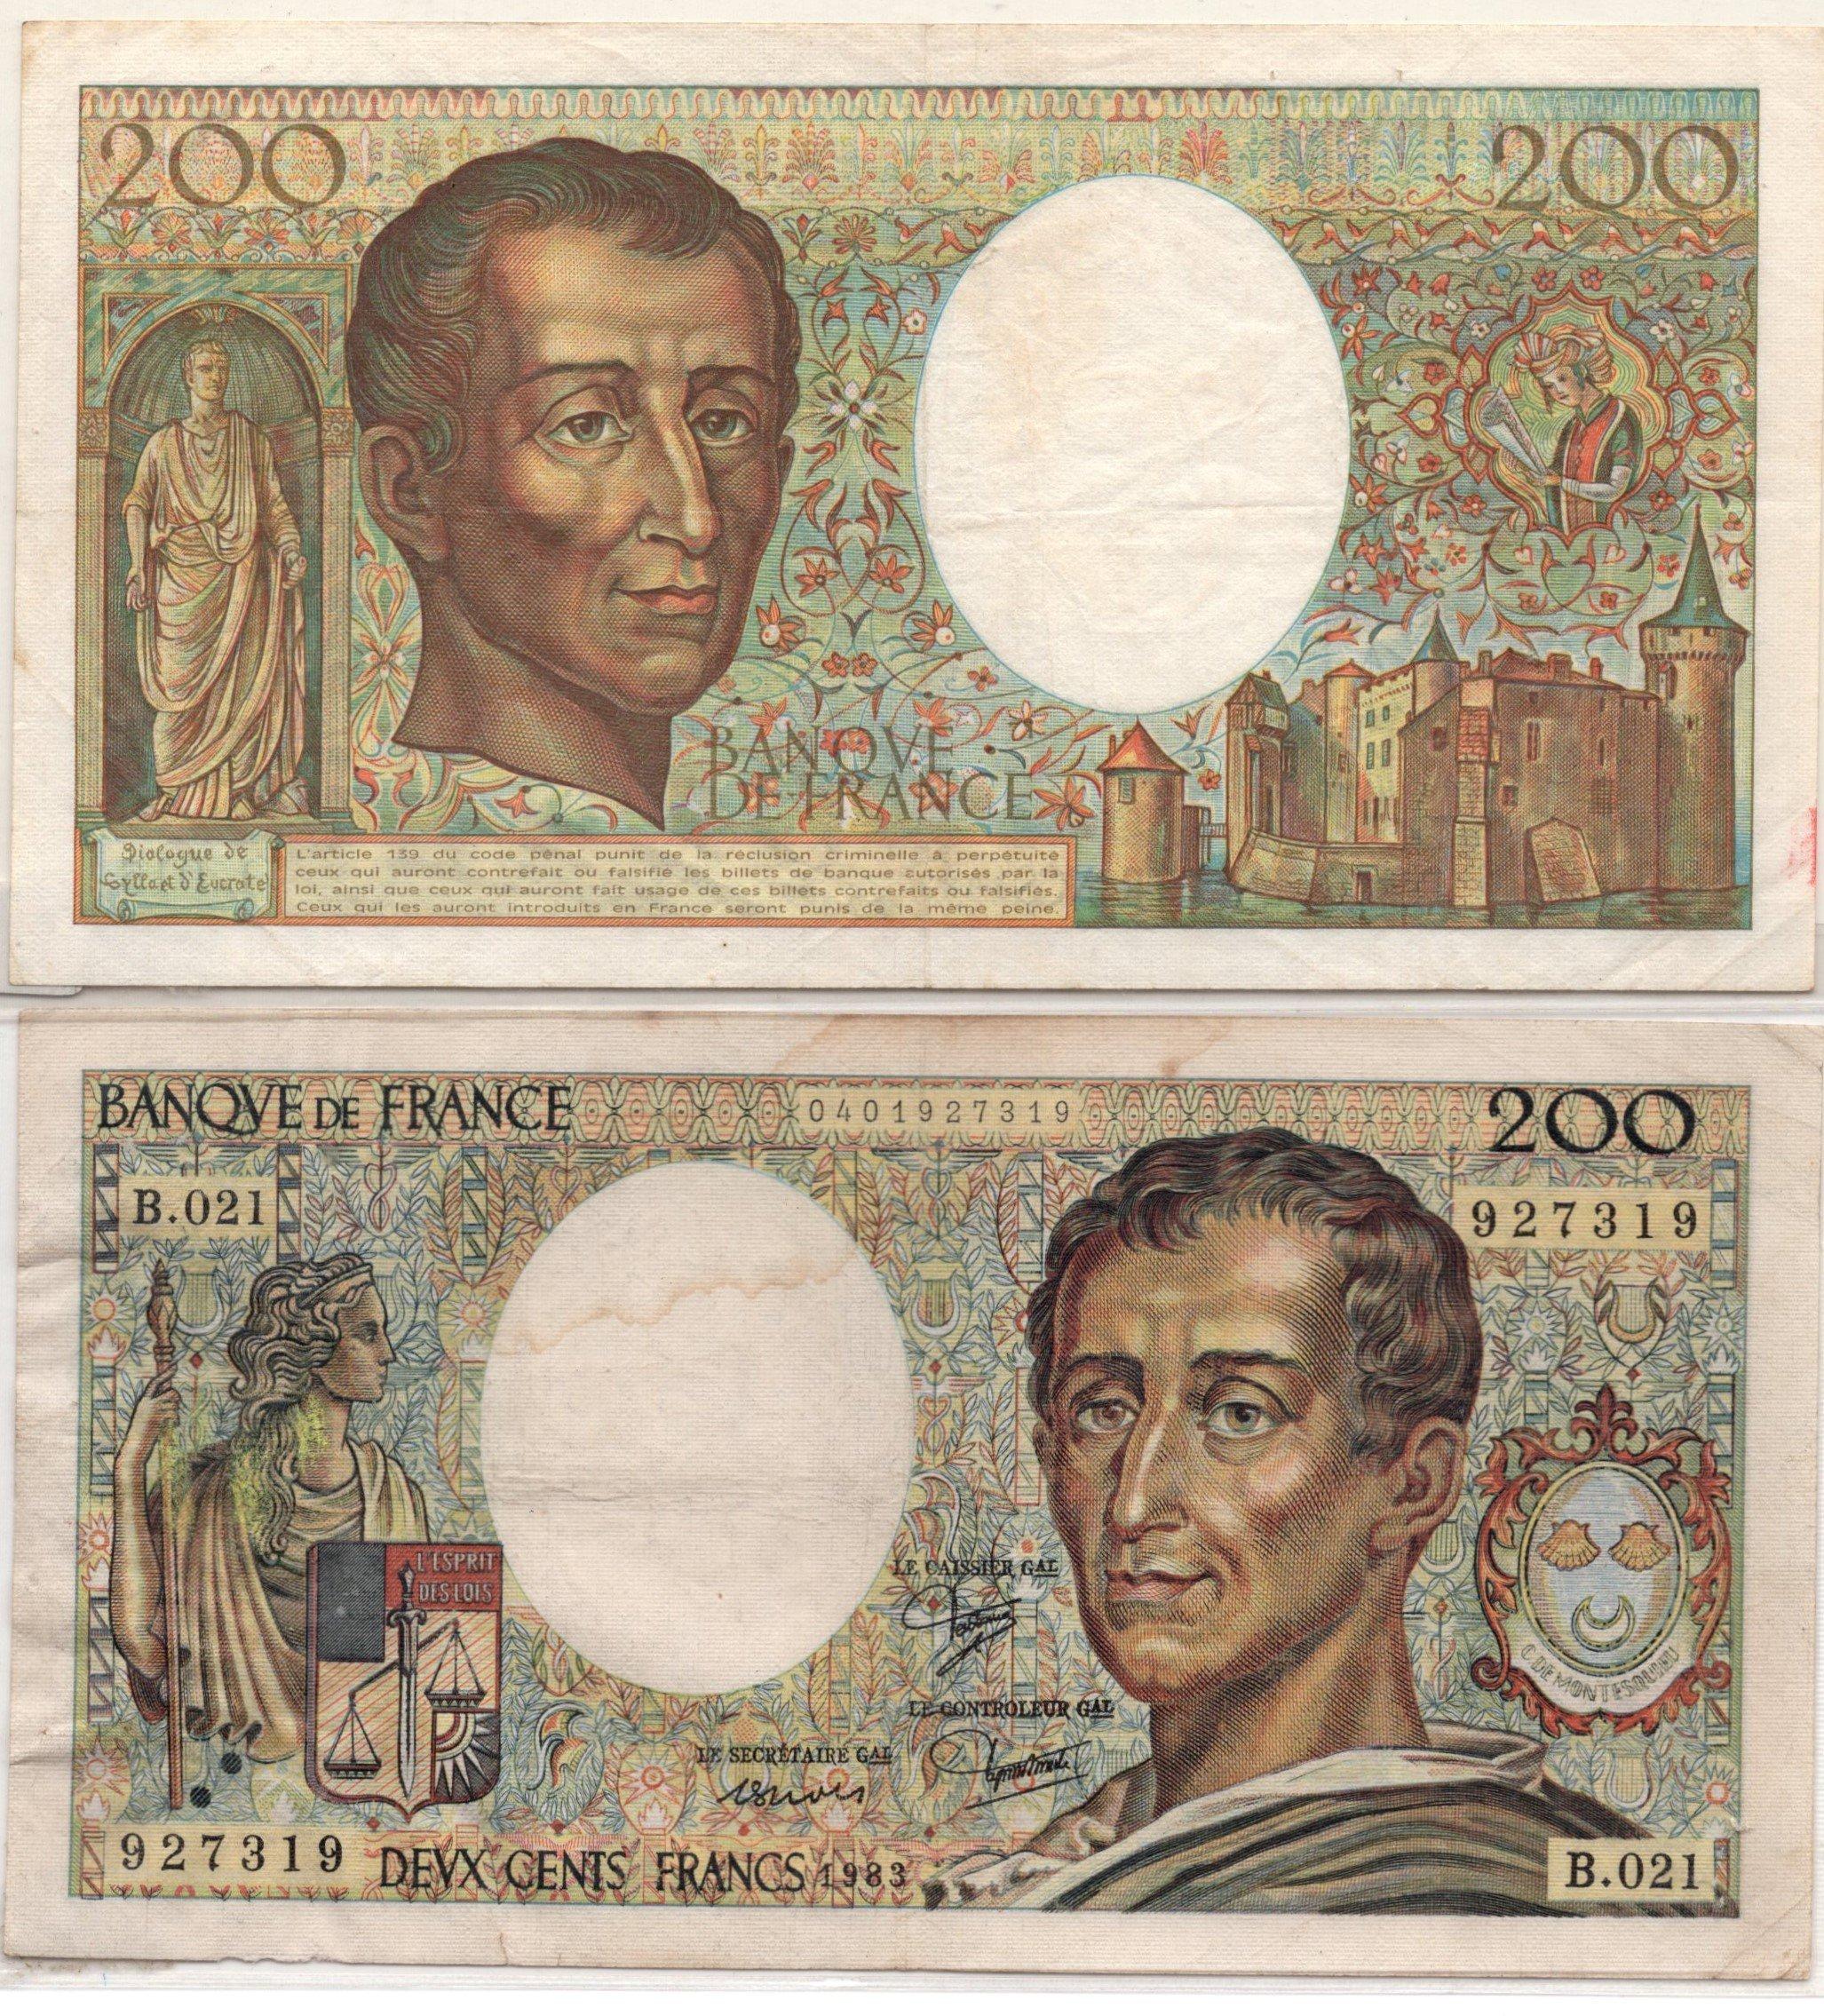 France 200 francs 1082